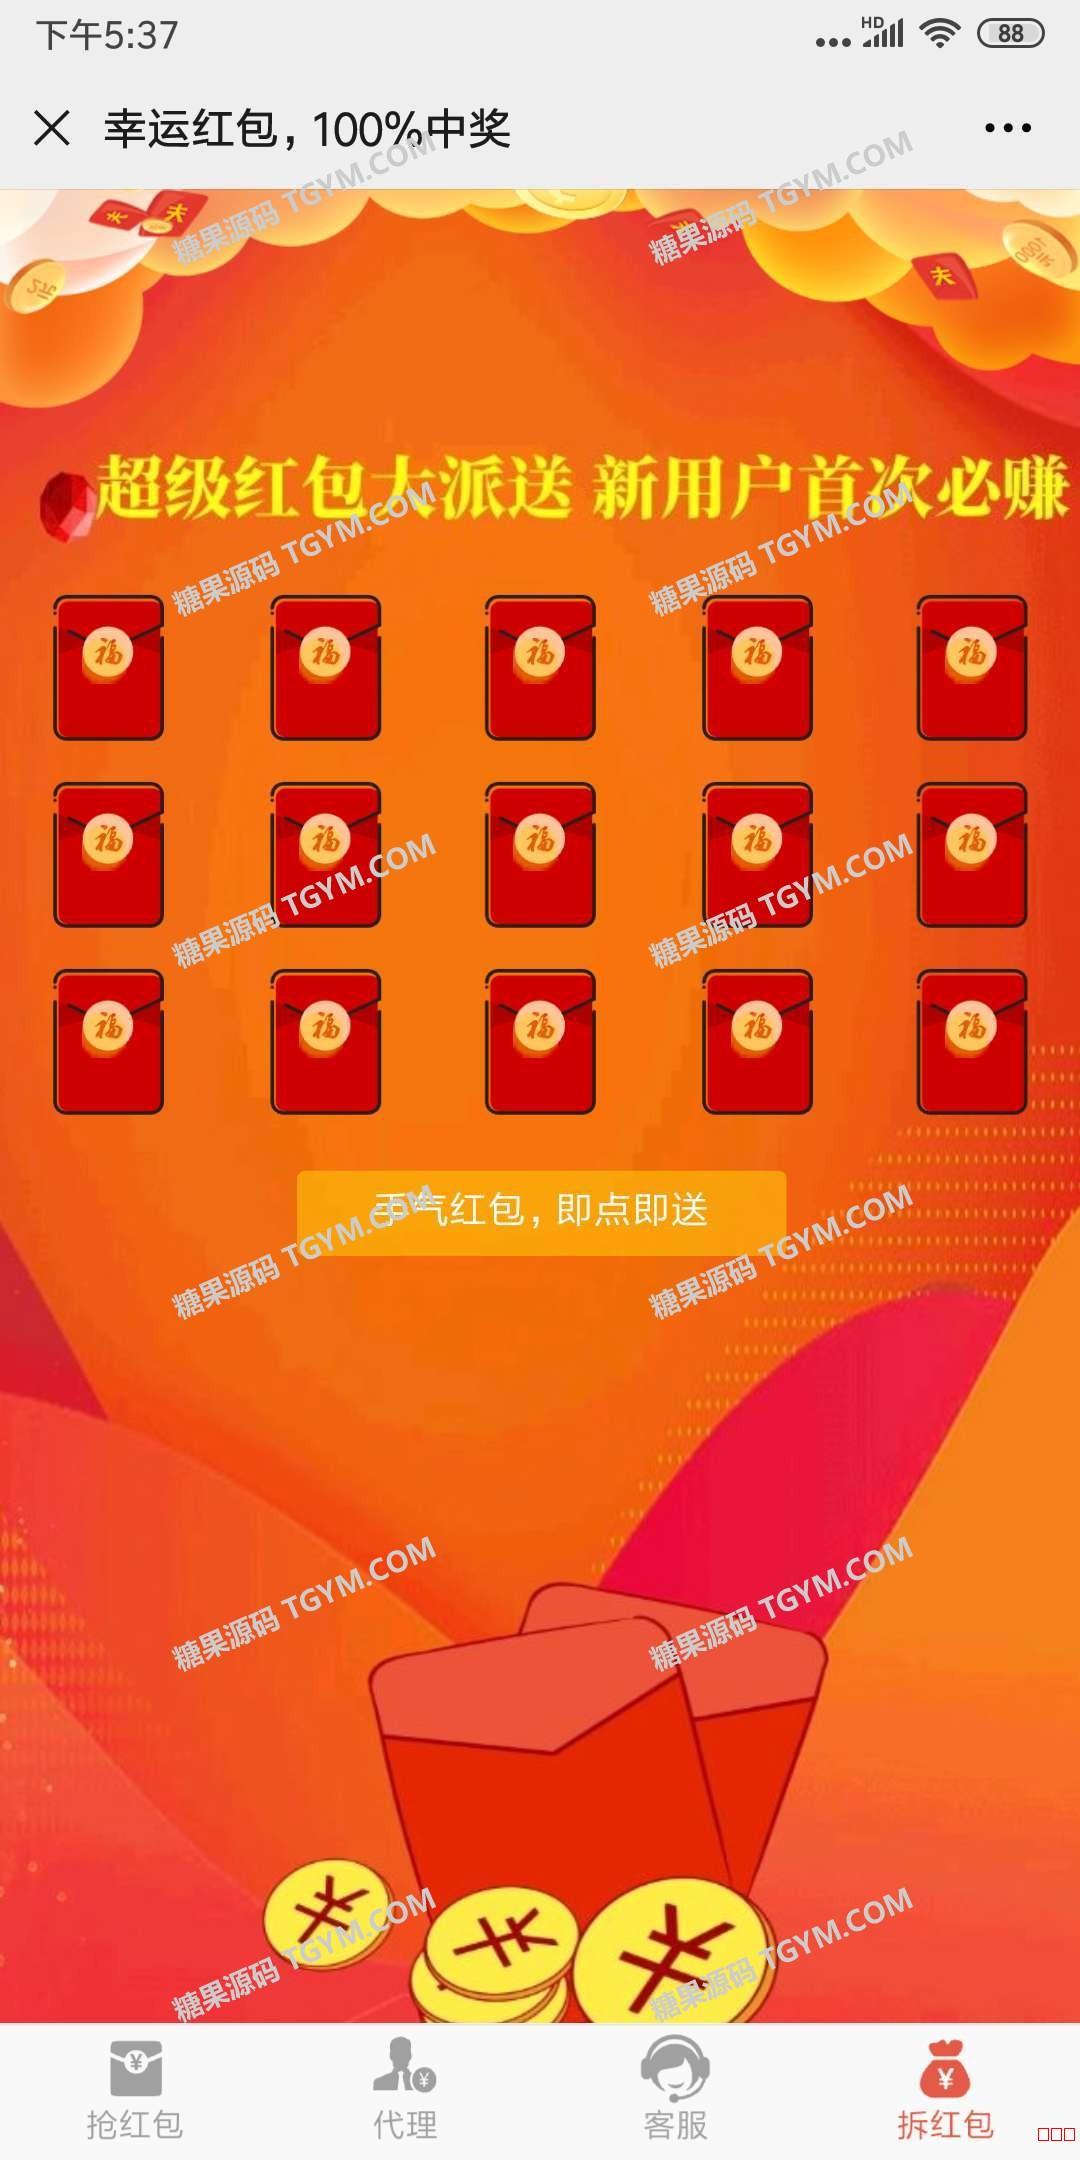 最新修复版拼手气抢红包拆红包源码,新版UI红包互换源码,运营版带完整数据和搭建教程 第2张